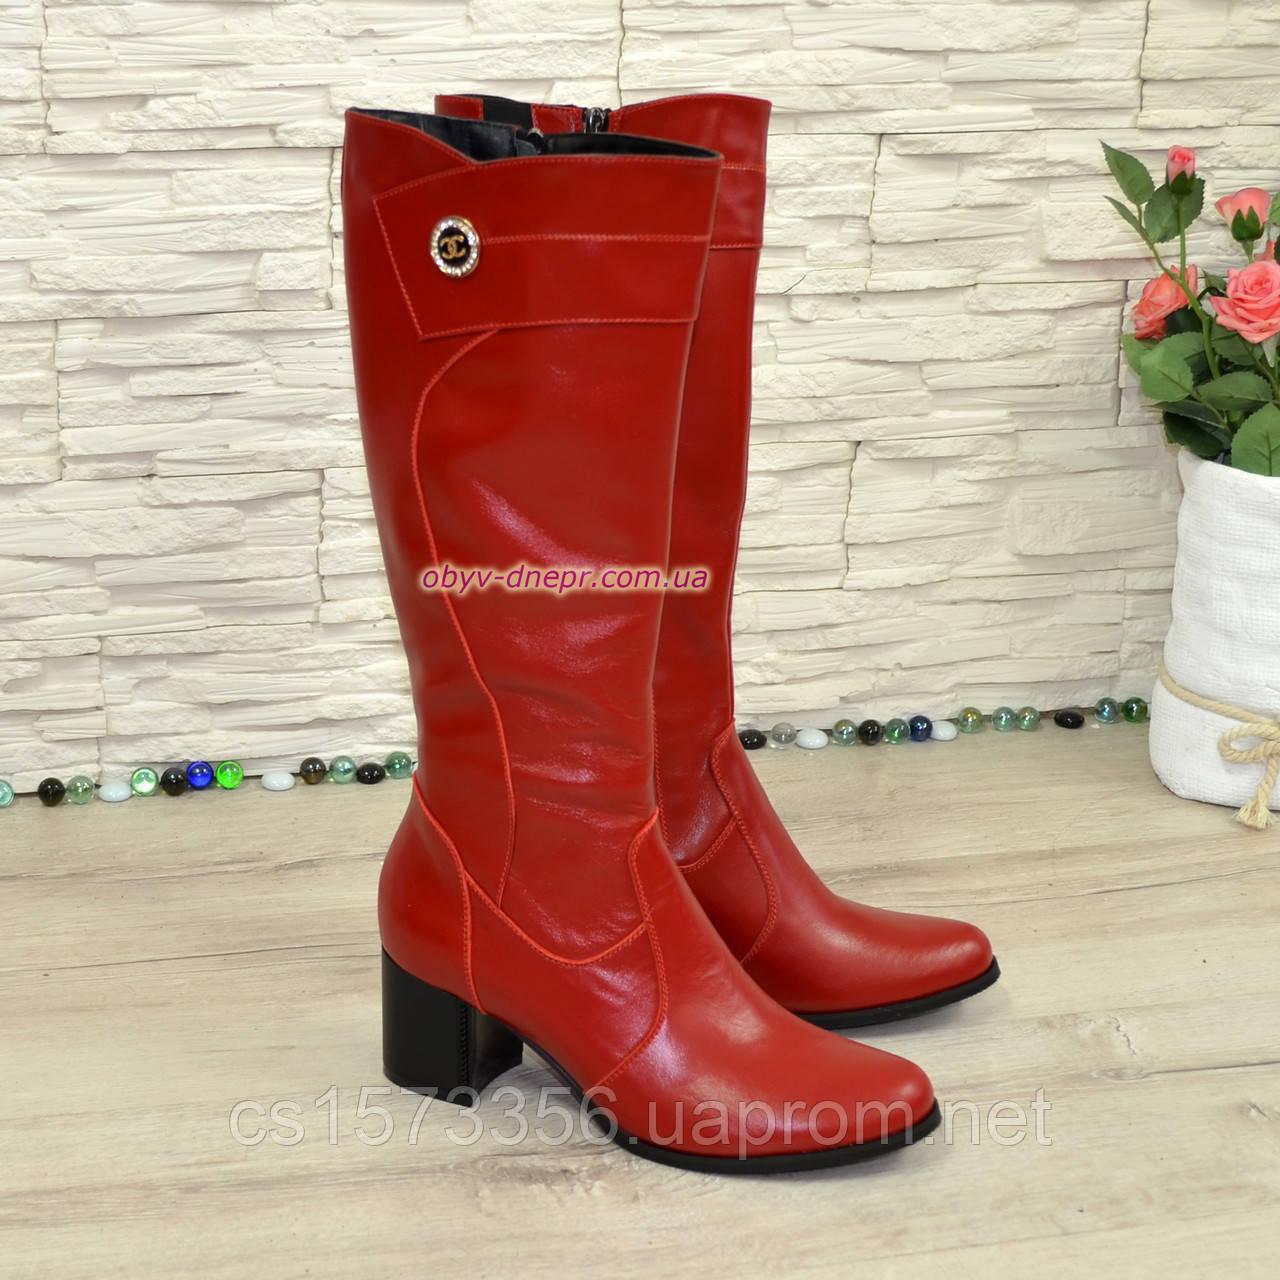 Сапоги демисезонные кожаные на невысоком устойчивом каблуке, цвет красный. Декорированы фурнитурой